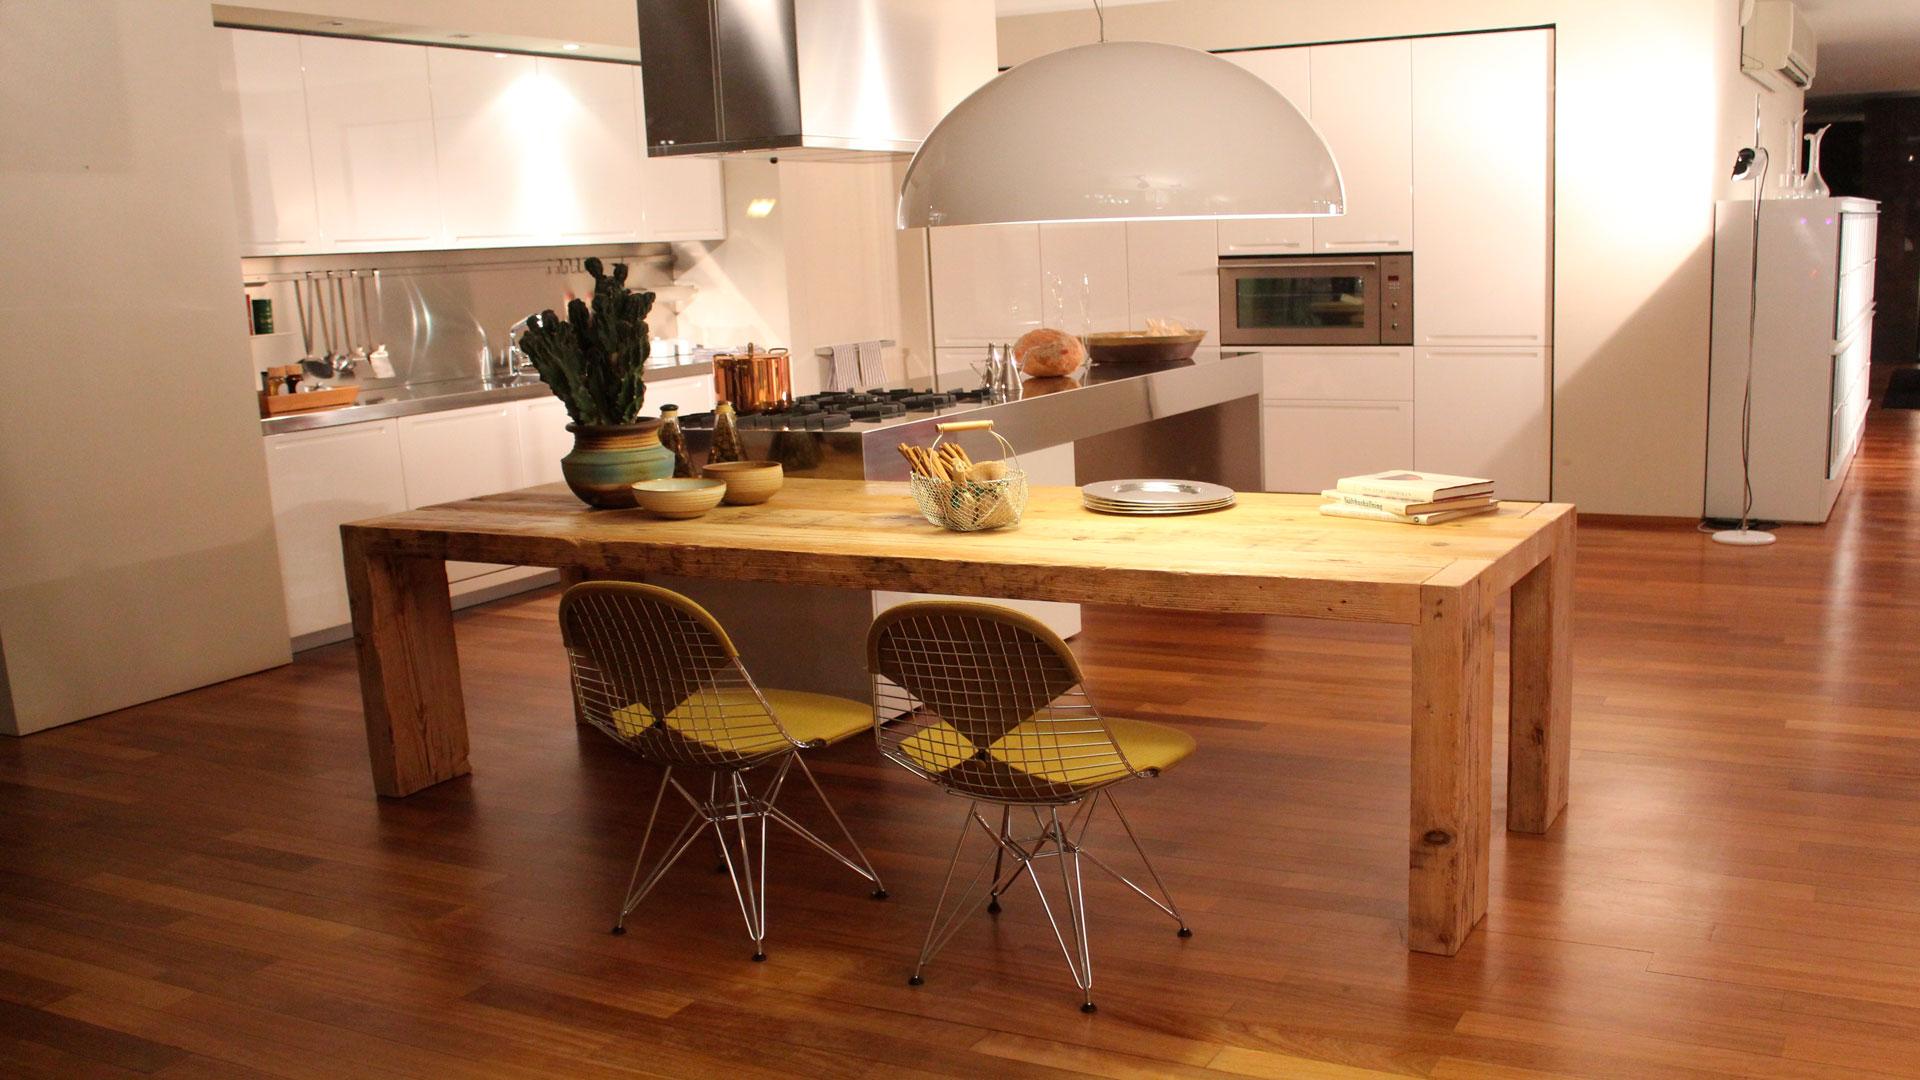 La-cocina,-un-espacio-para-cocinar-1920